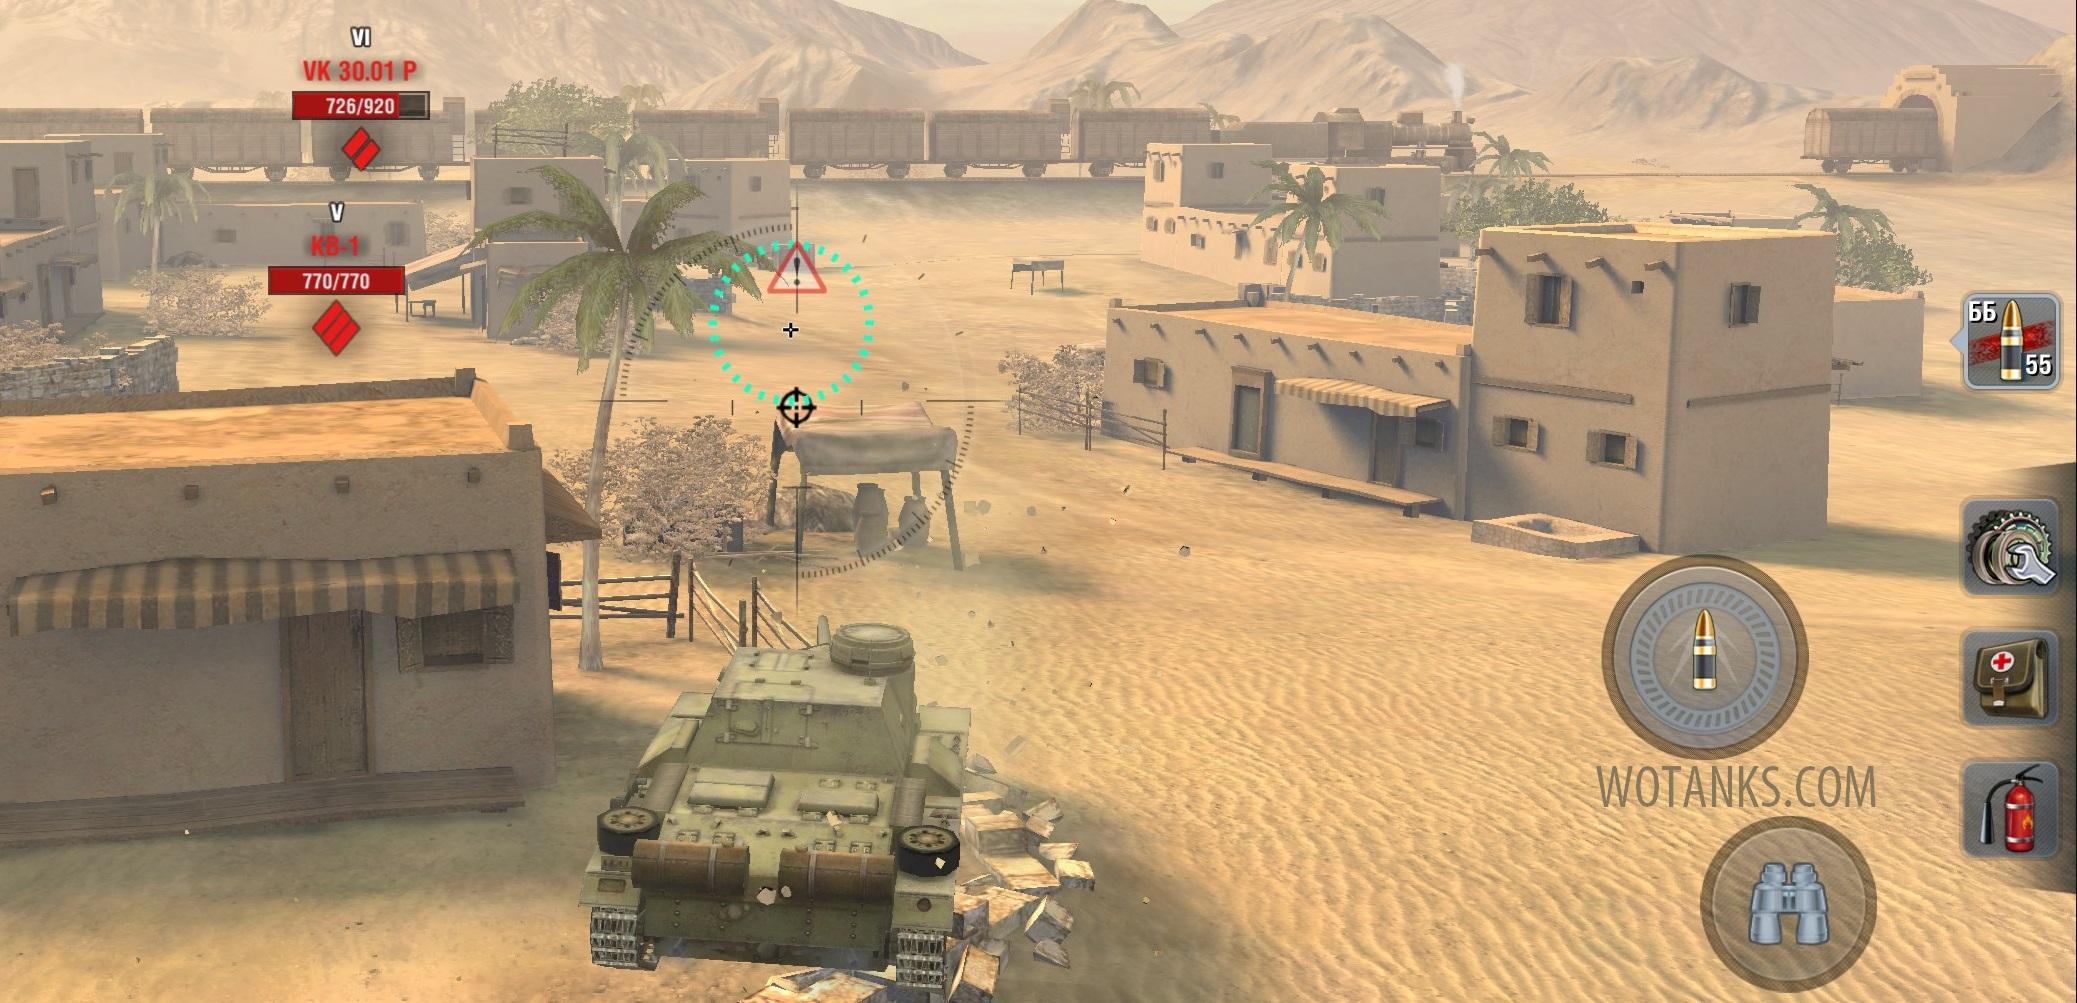 Не видно танки противника - задержка при засвете